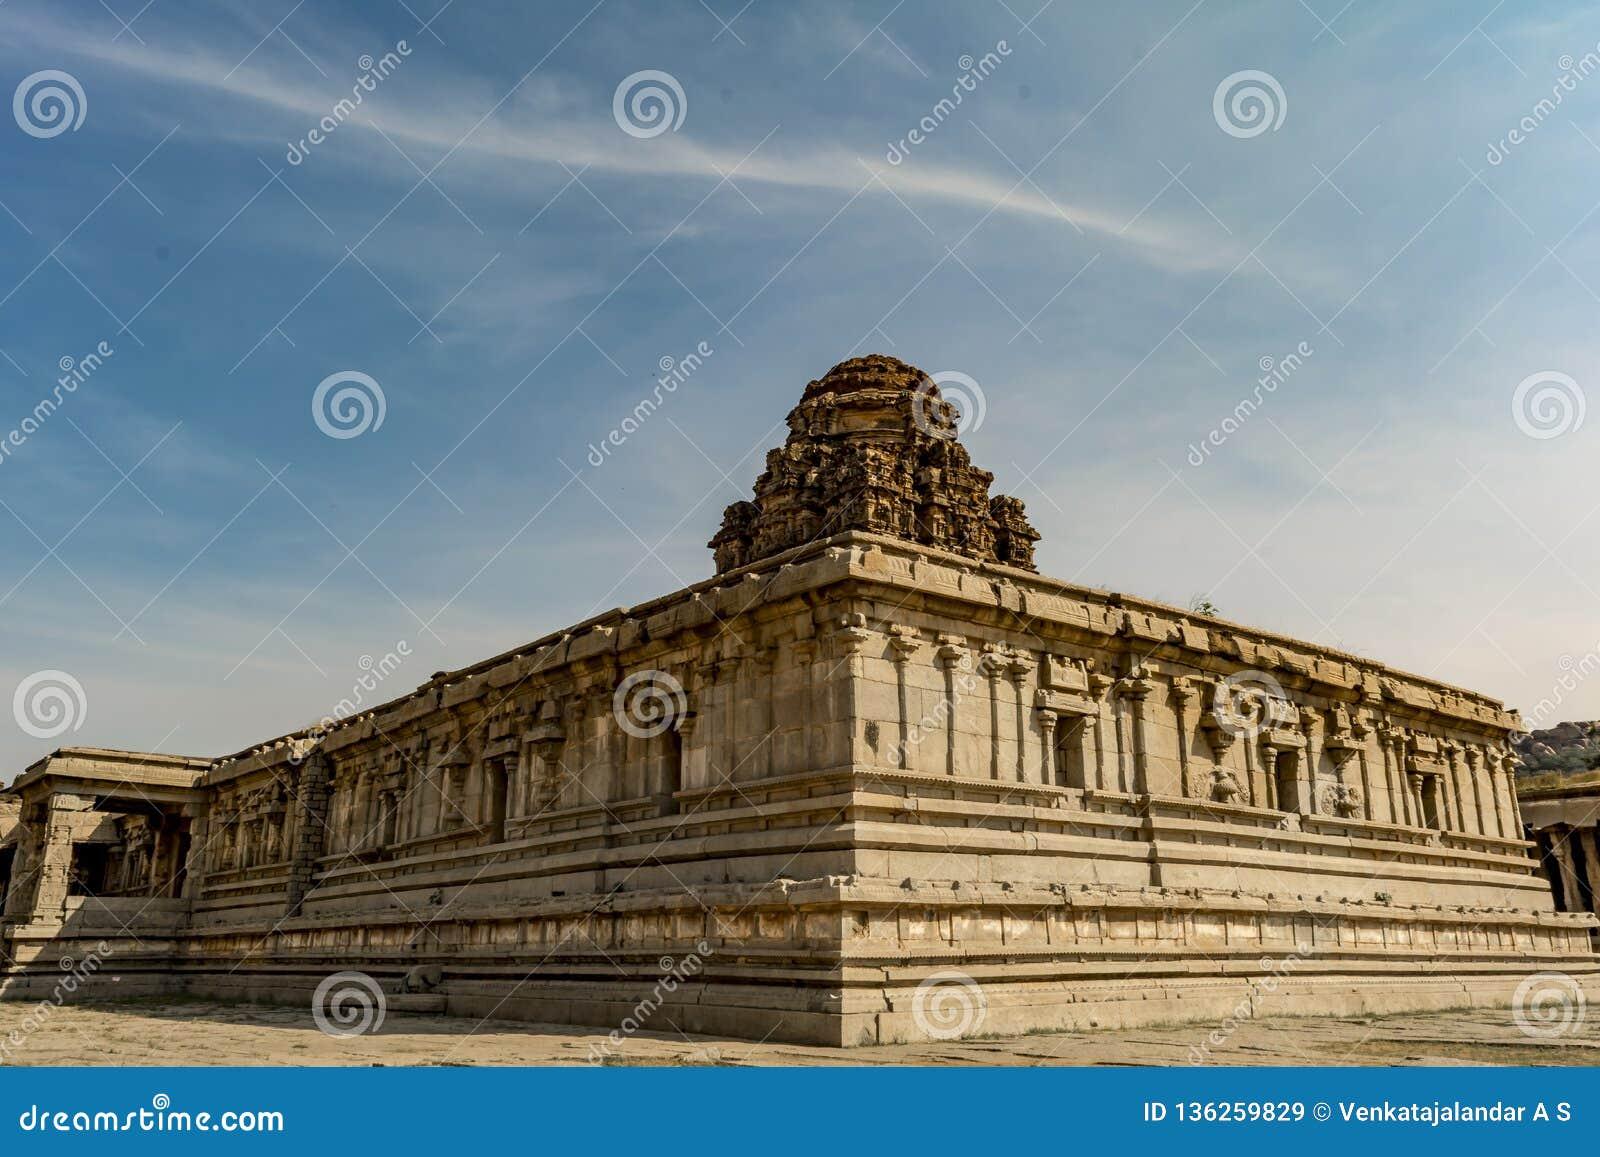 Inside Vitala temple - Hampi - Walls Diagonal View